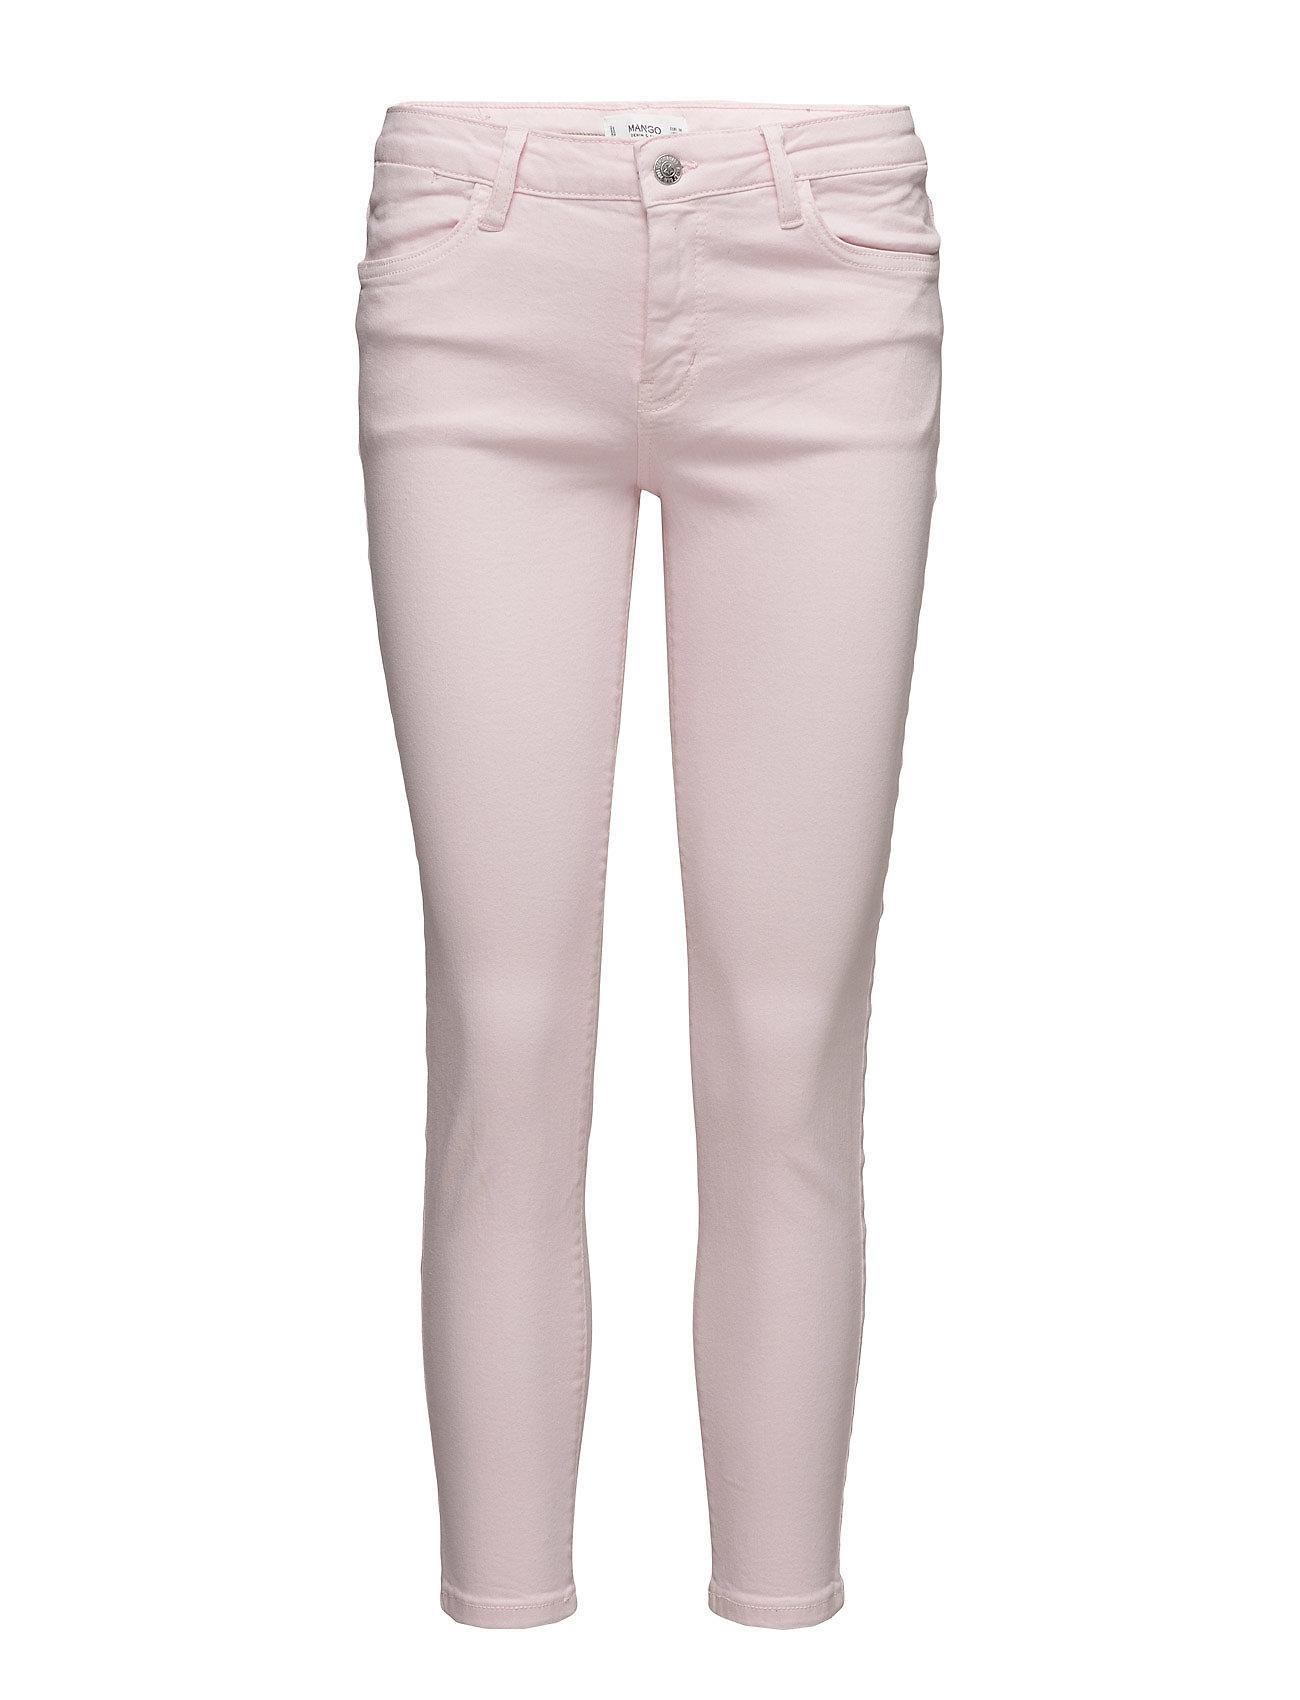 Crop Skinny Isa Jeans Mango Jeans til Kvinder i Lyserød